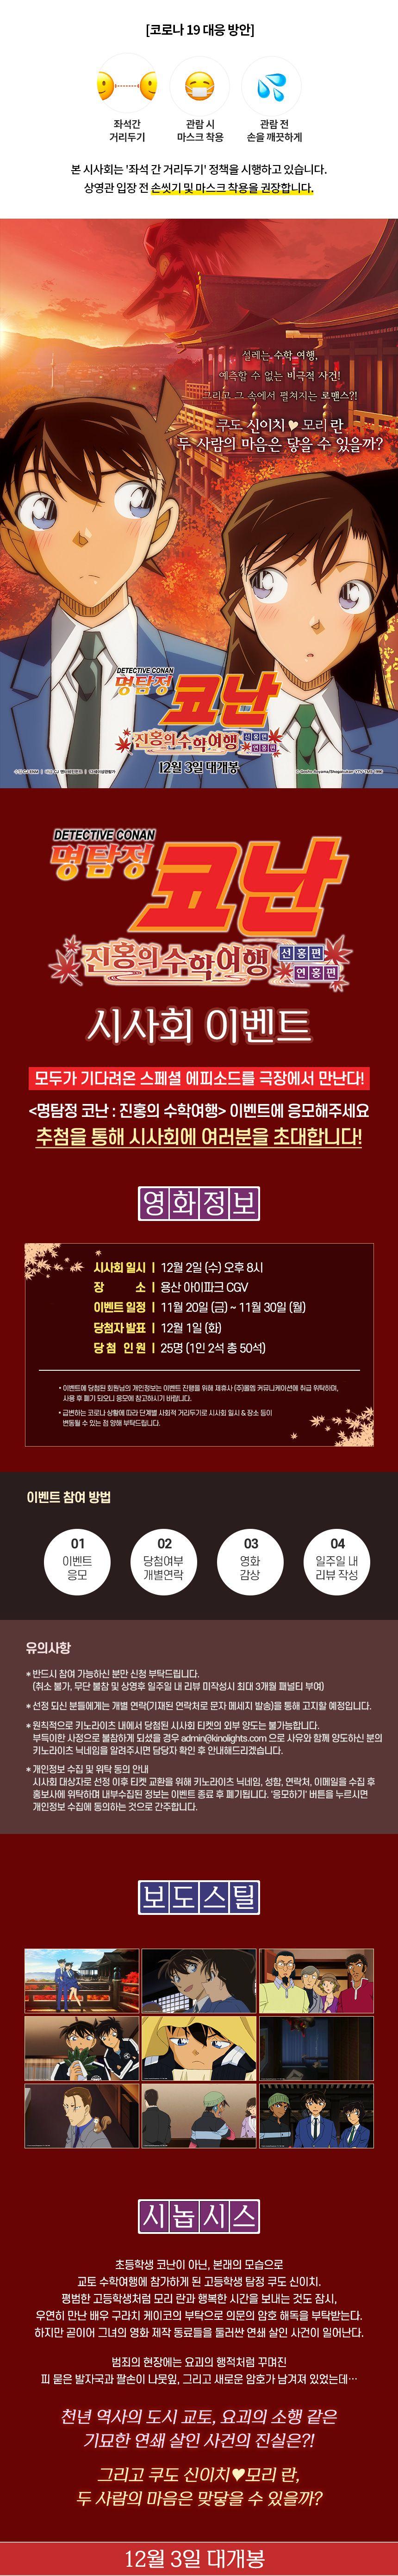 <명탐정 코난: 진홍의 수학여행> 시사회 안내